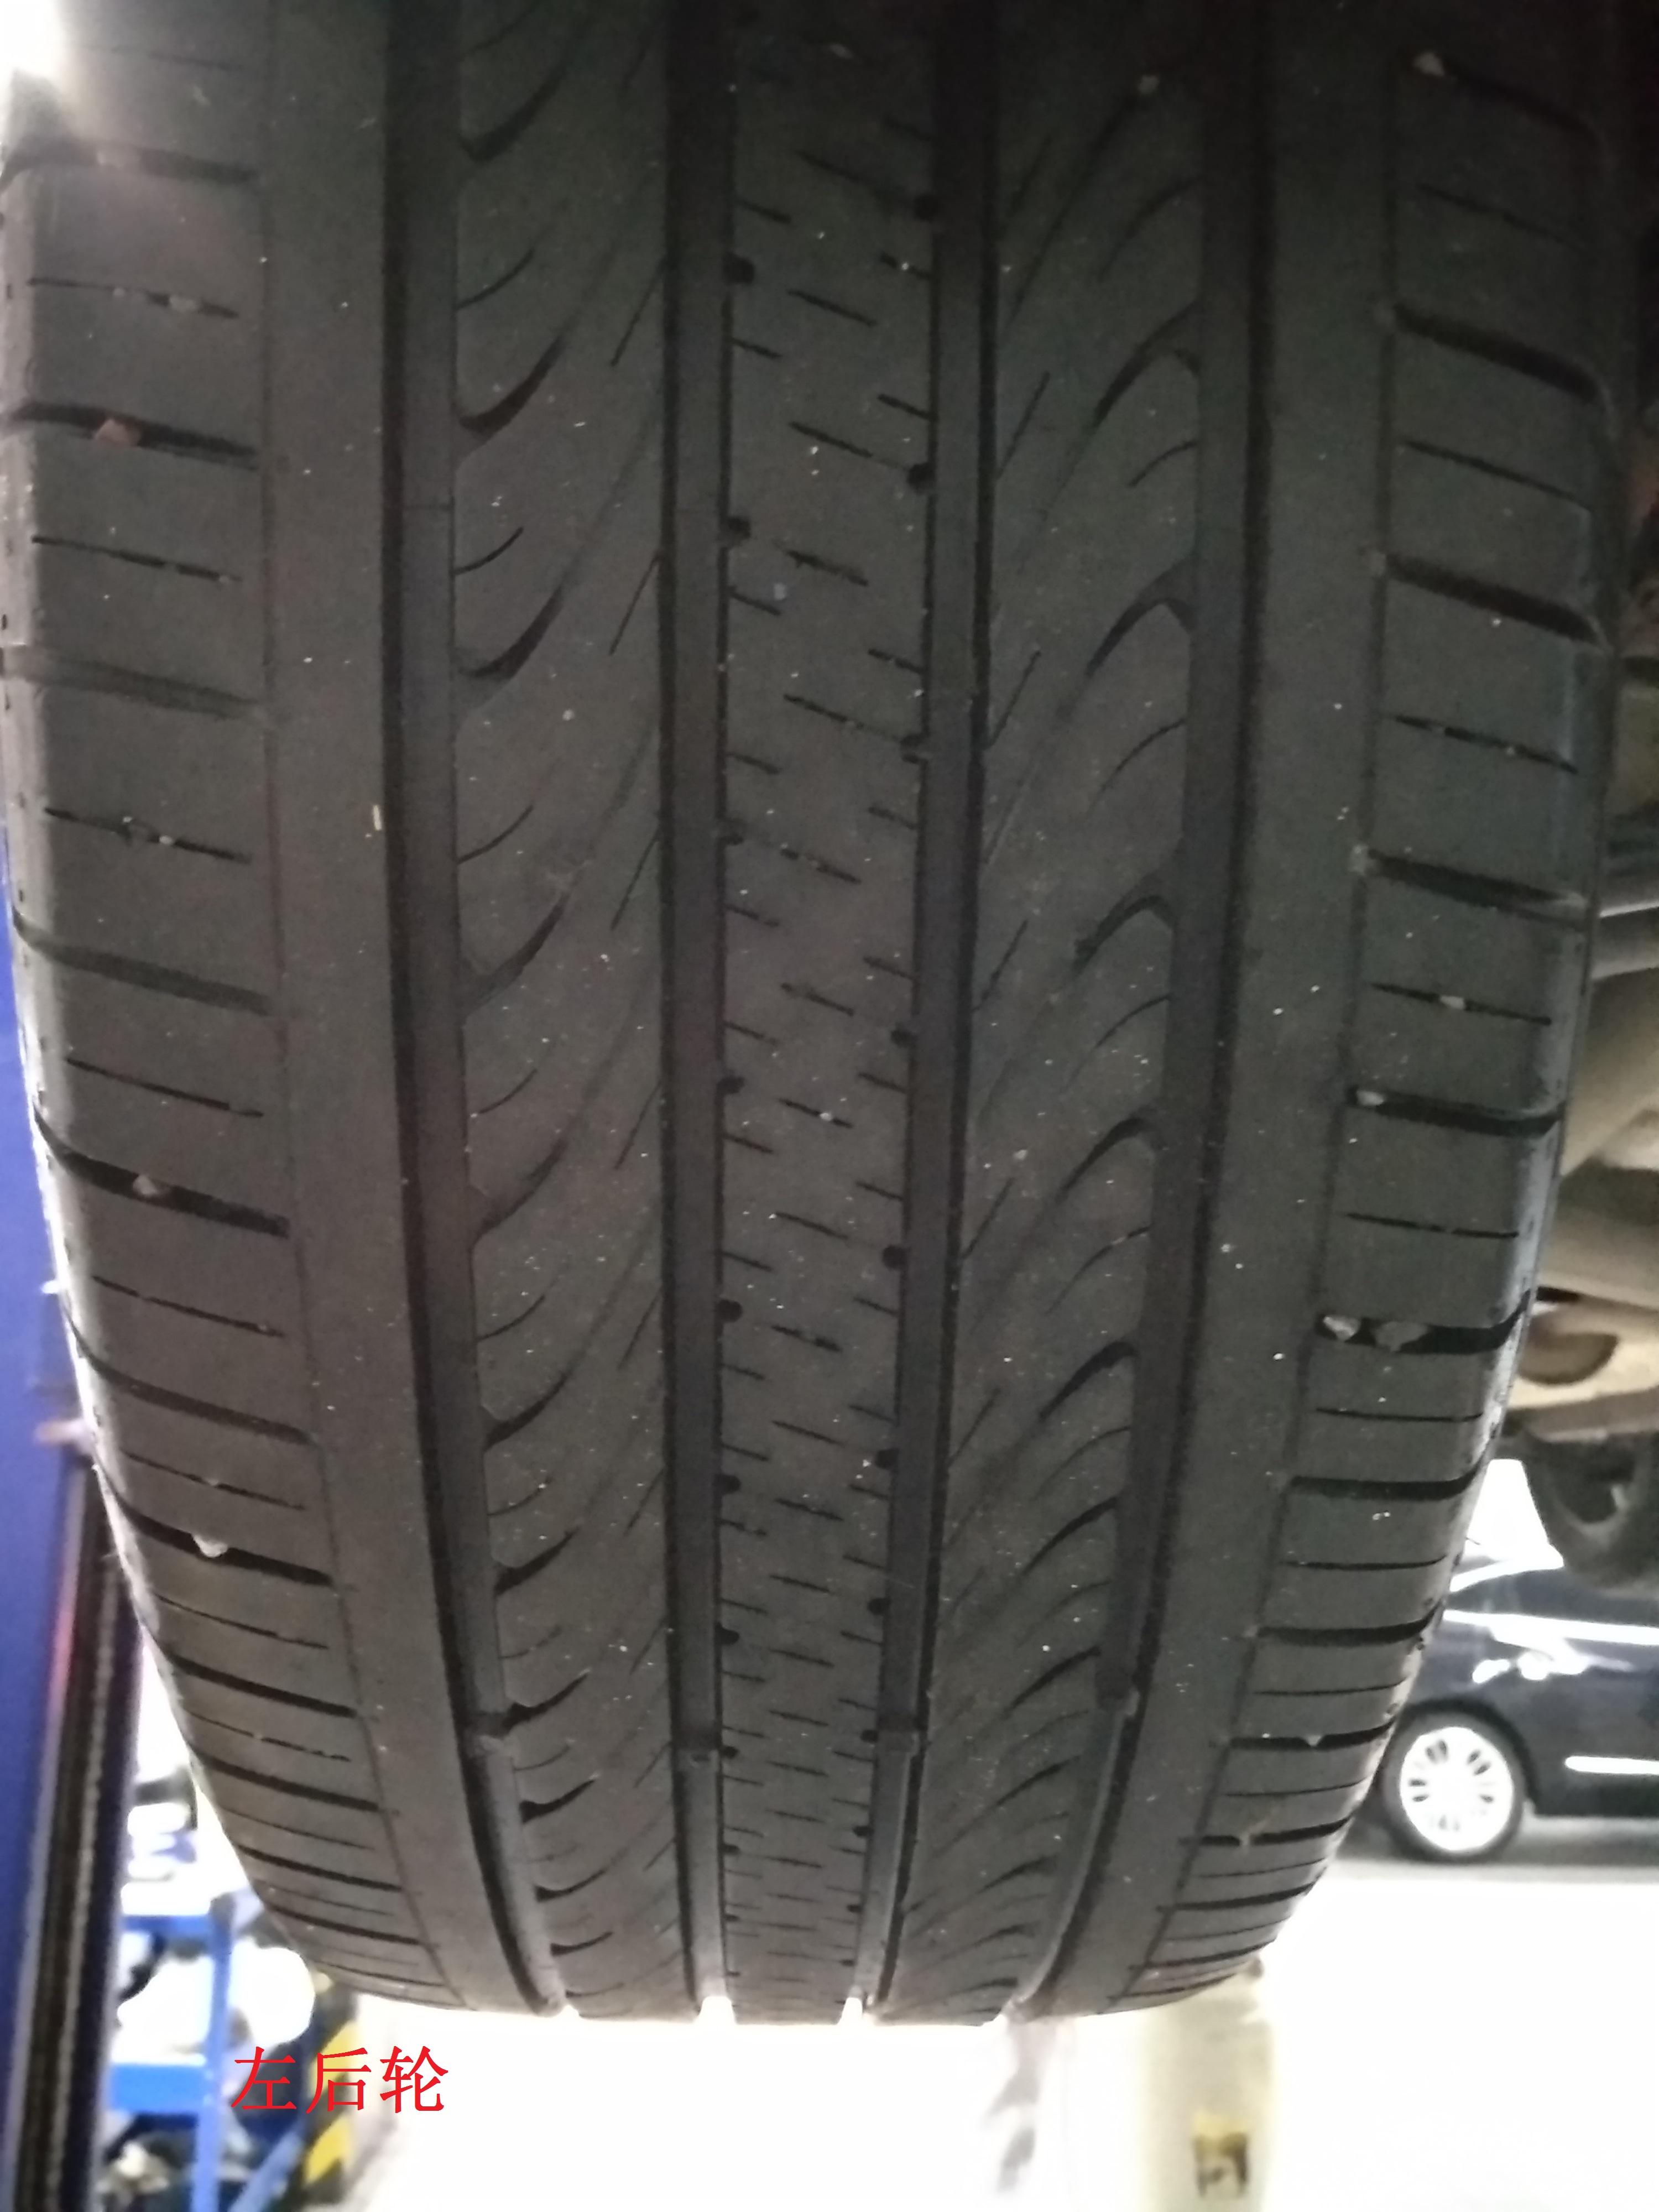 上汽通用-英朗 后轮胎异常磨损,右后轮胎偏磨严重